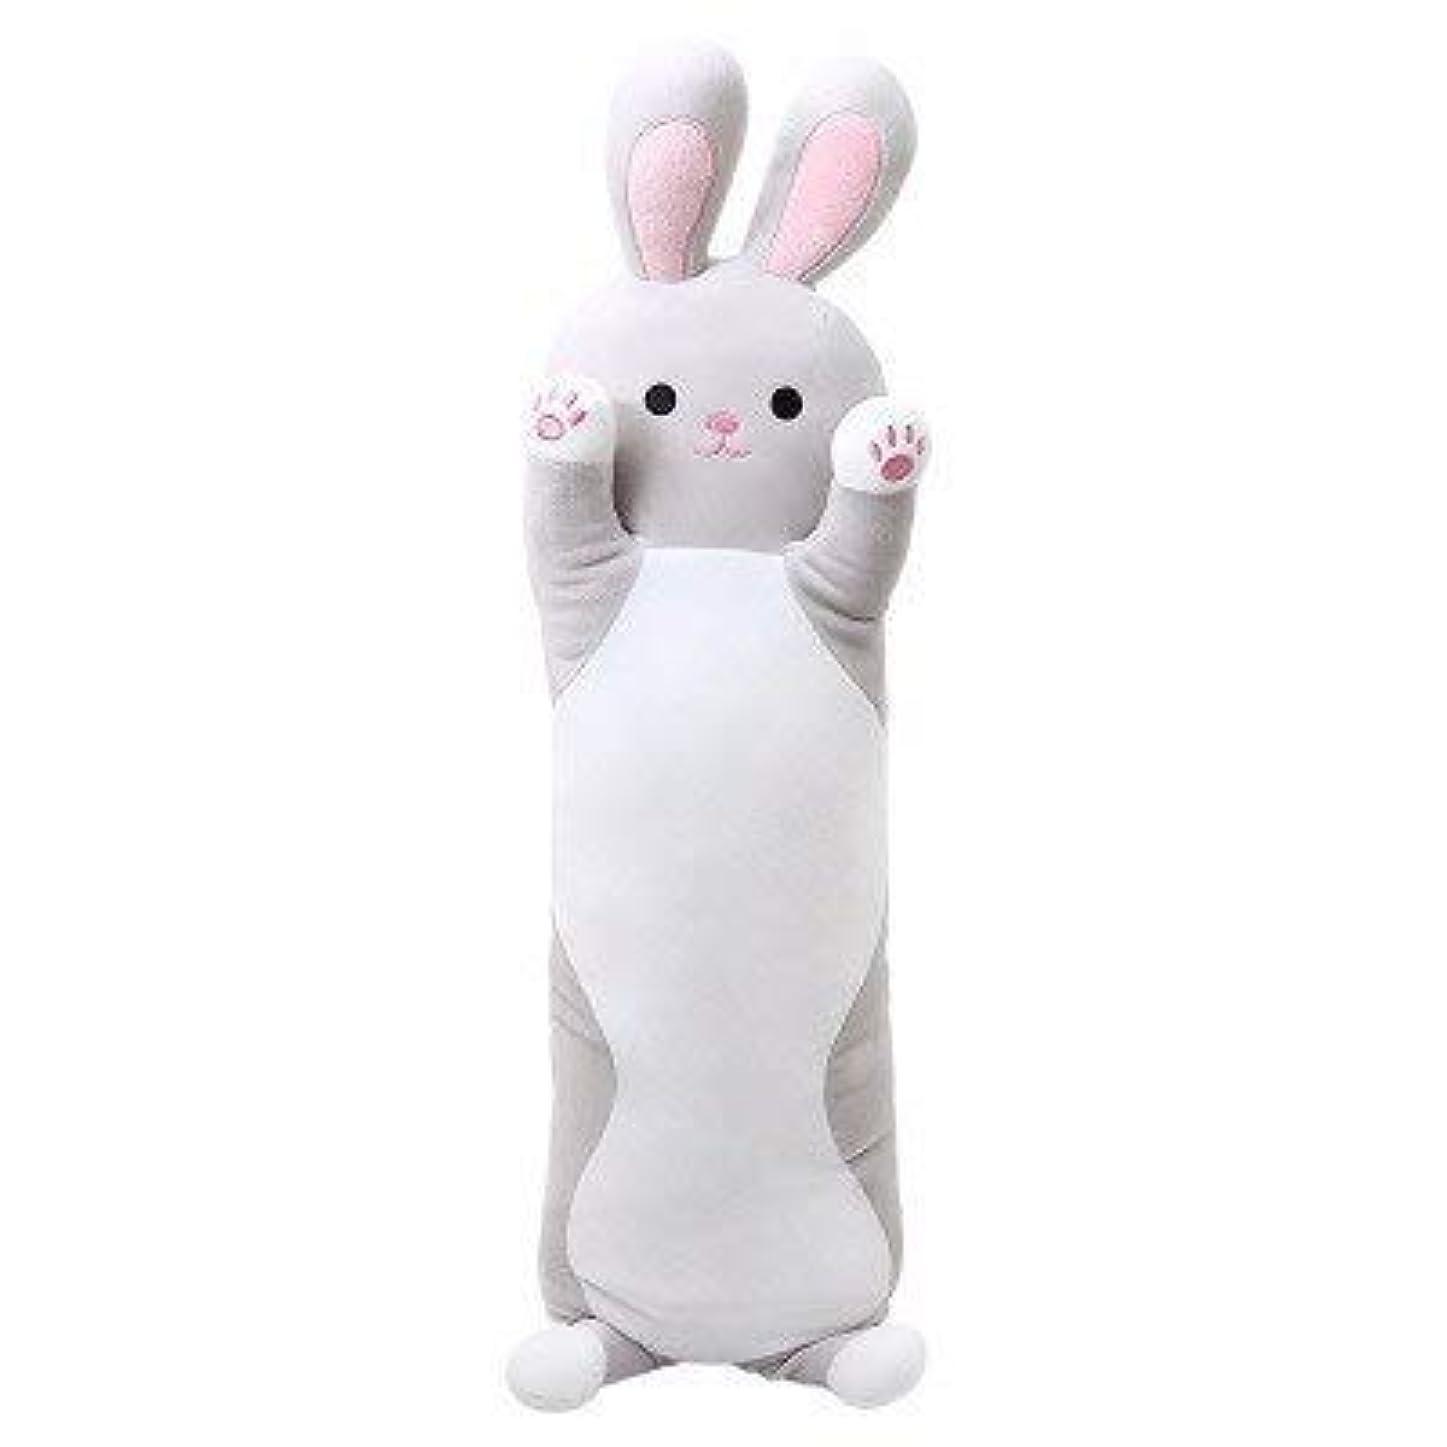 つば胃経営者LIFE センチメートルウサギのぬいぐるみロング睡眠枕を送信するために女の子 Almofada クッション床 Coussin Cojines 装飾 Overwatch クッション 椅子